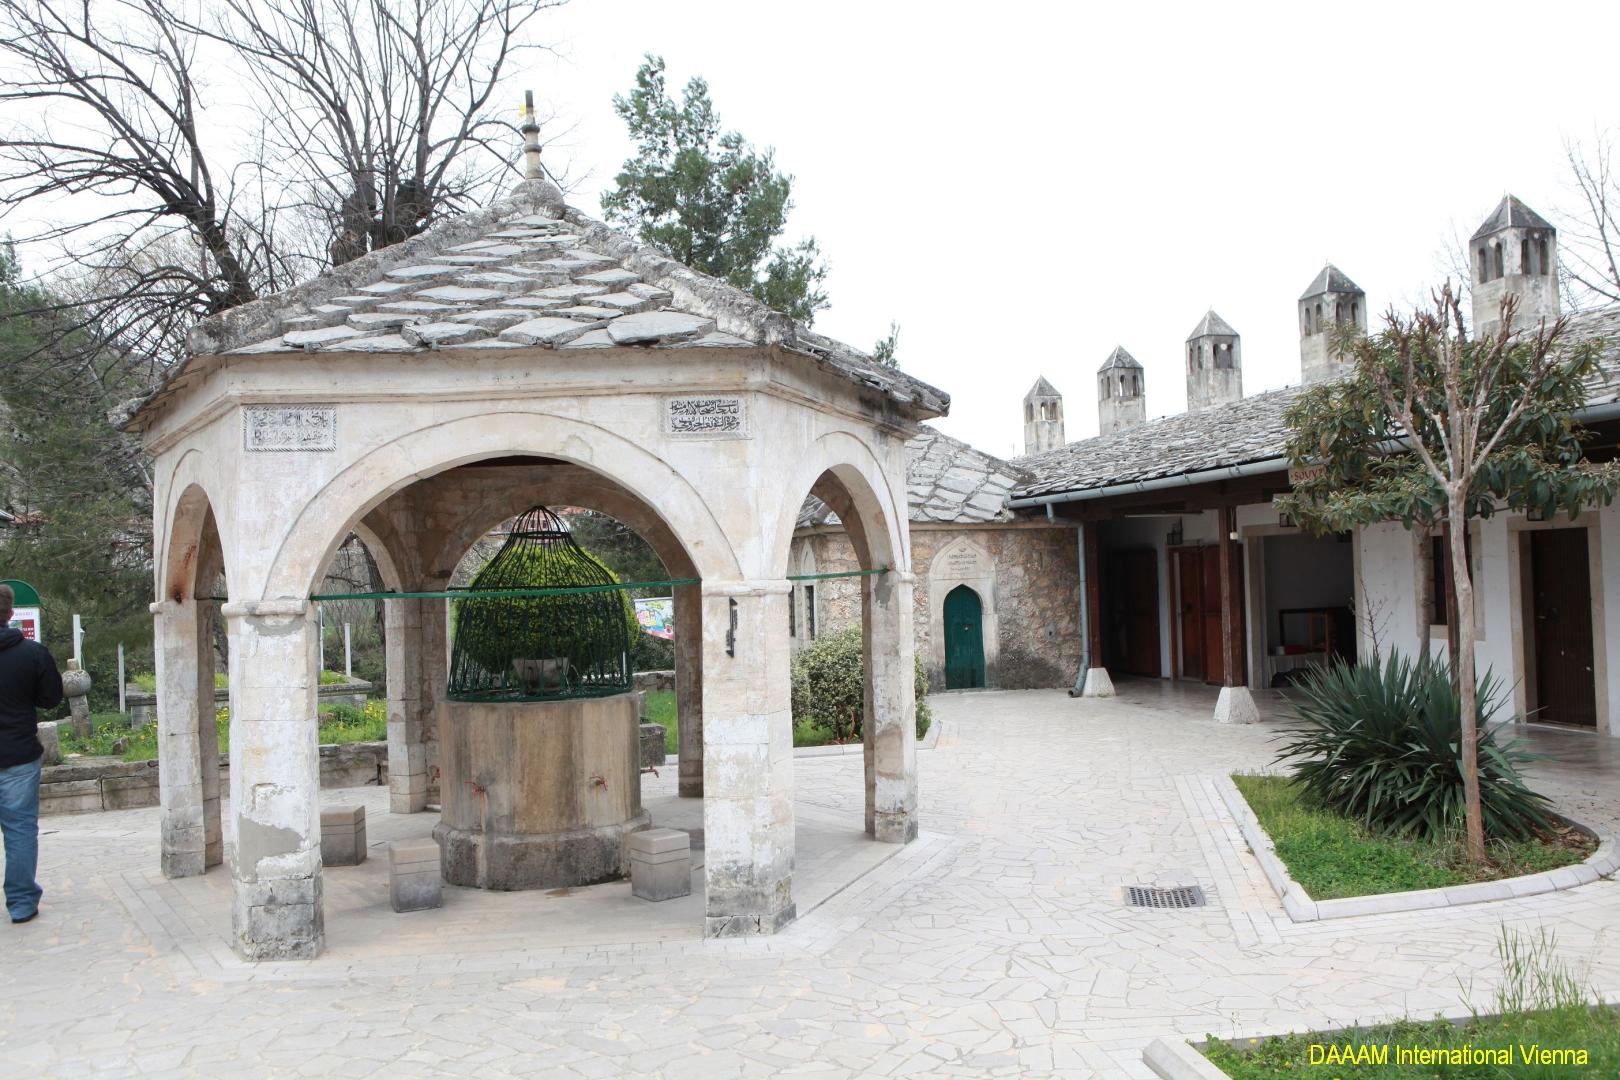 DAAAM_2016_Mostar_01_Magic_City_of_Mostar_108